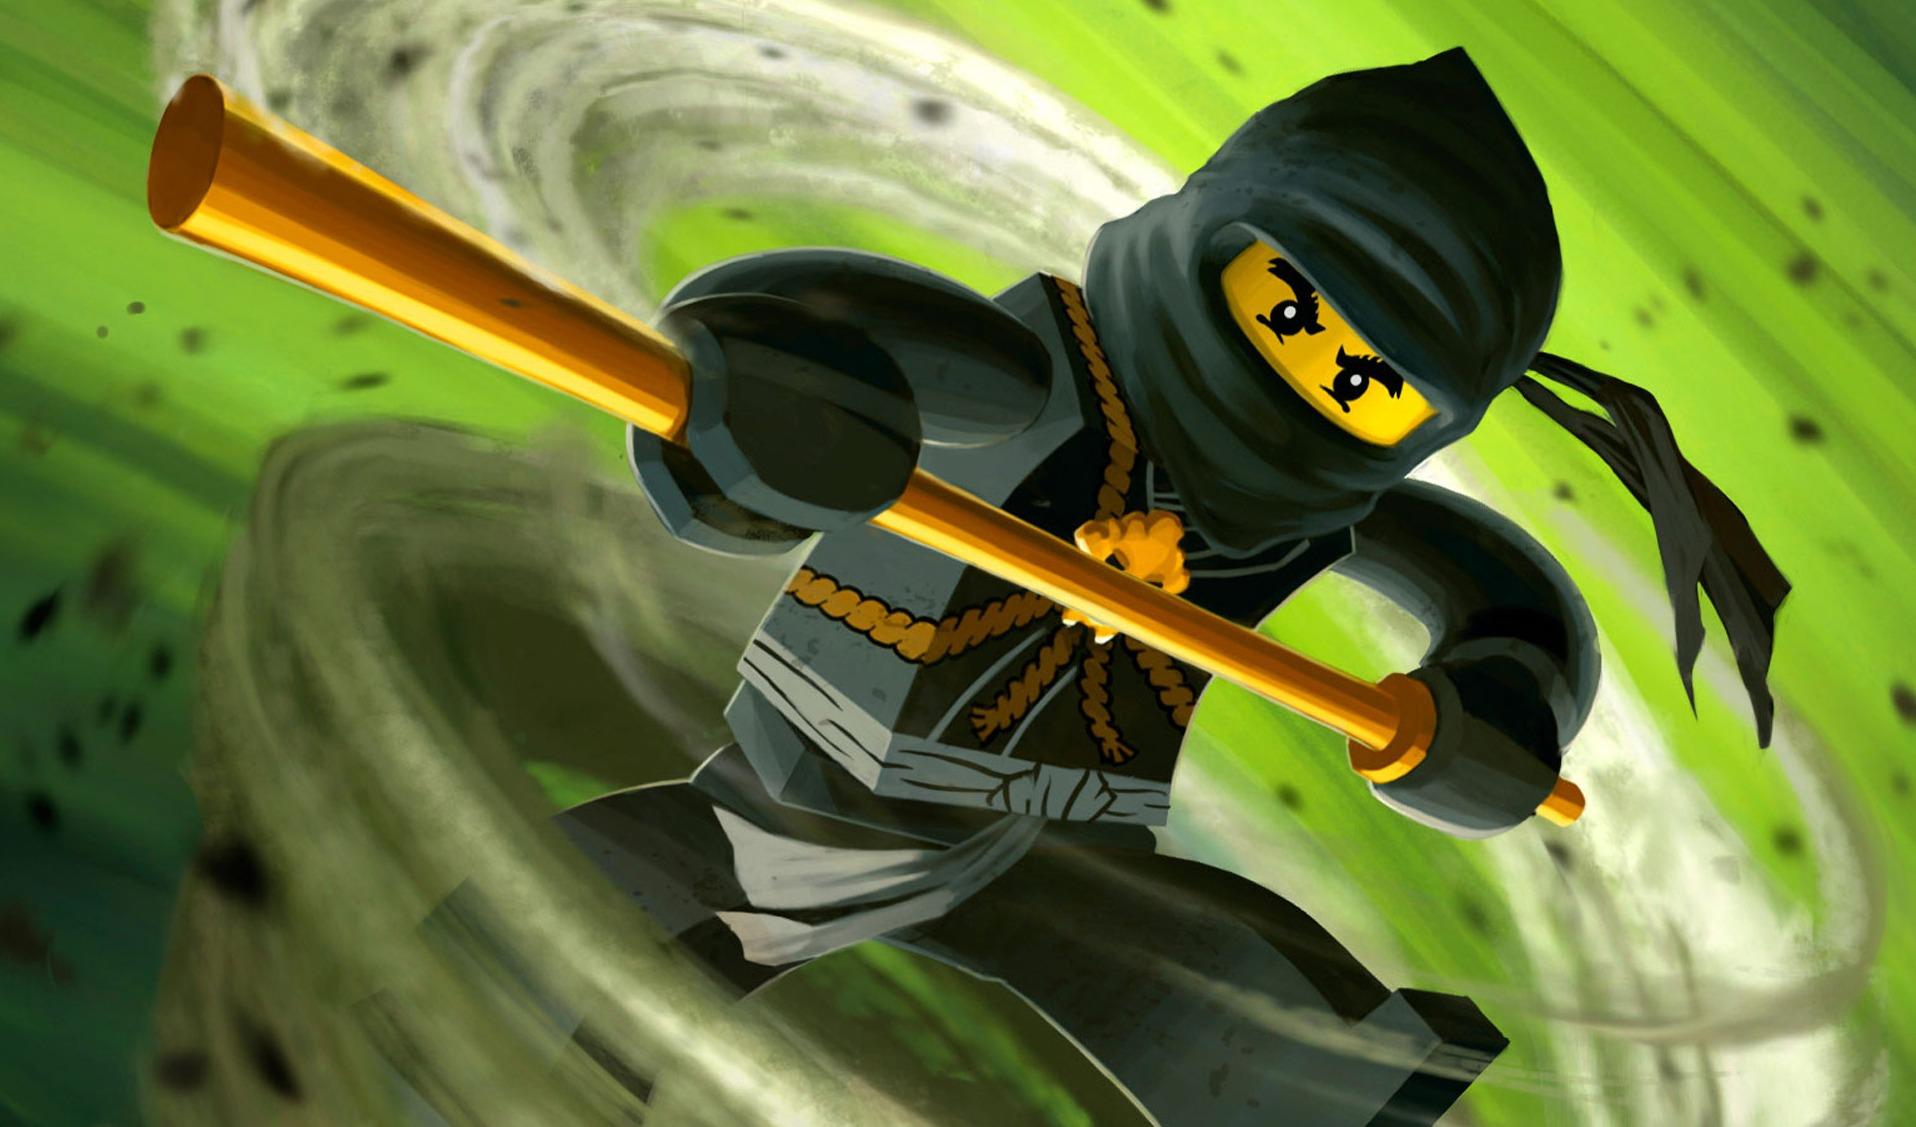 Brugt med tilladelse, ® 2012 LEGO Koncernen